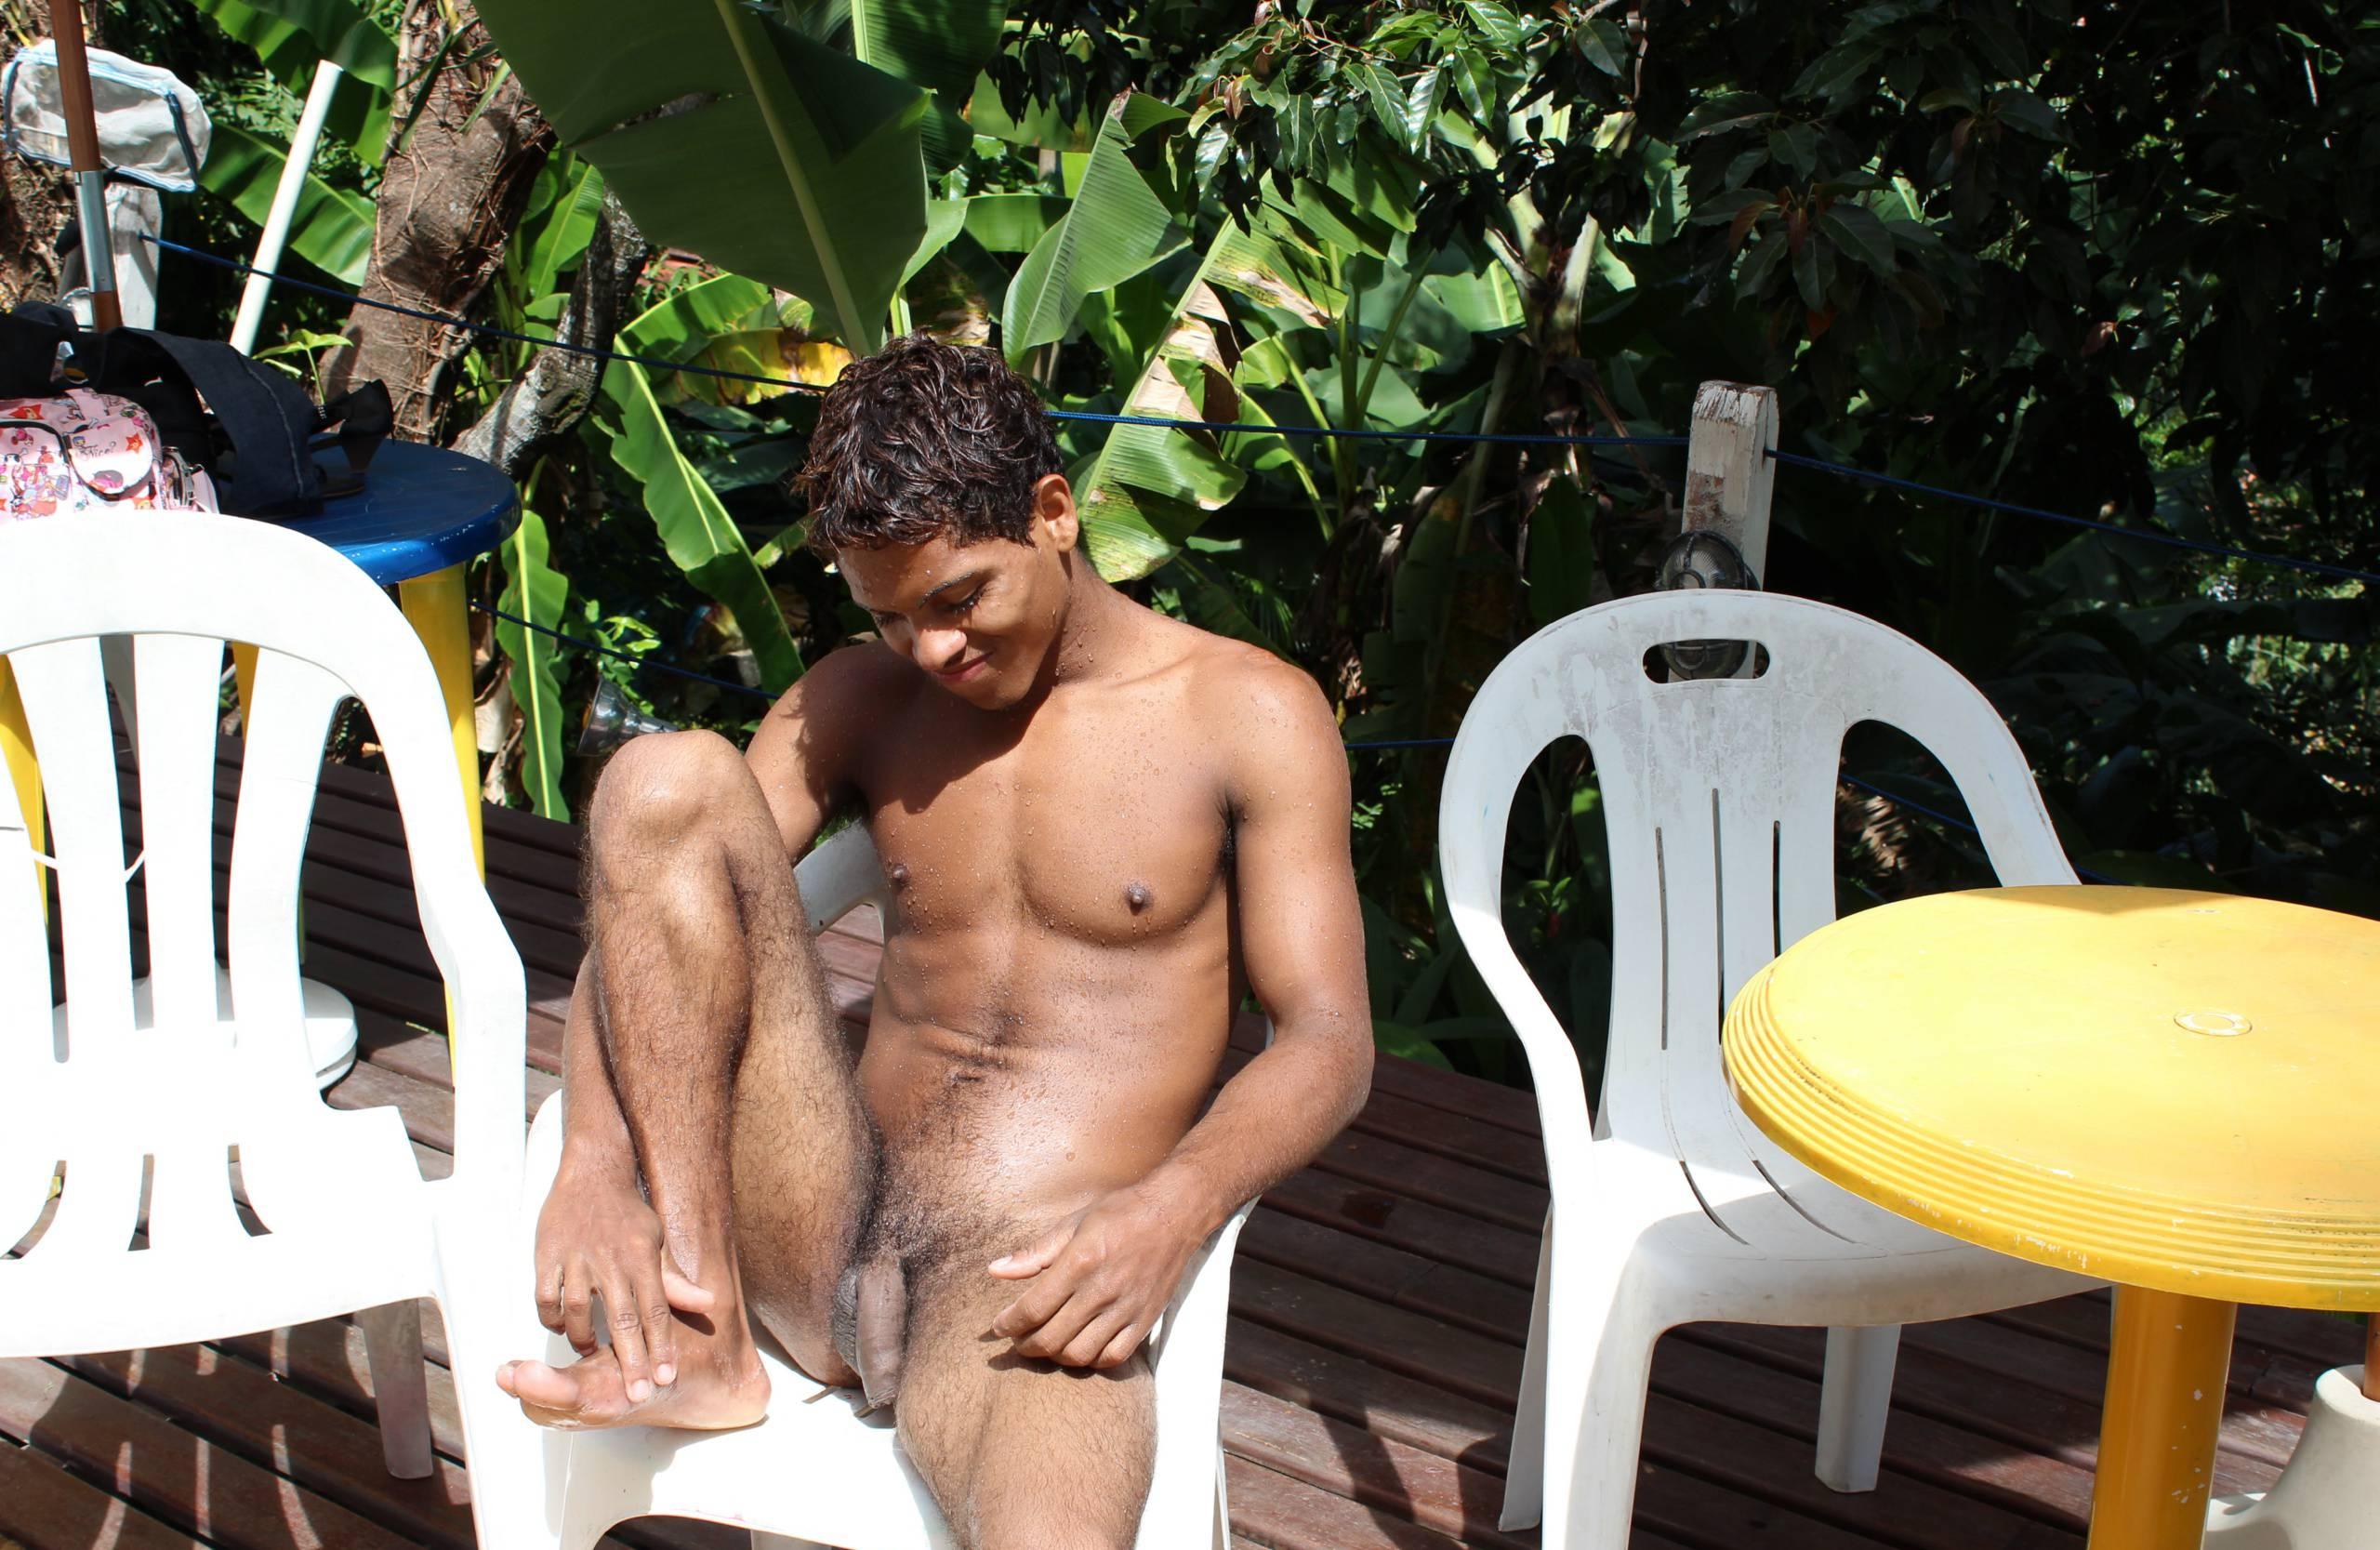 Nudist Pictures Brazilian Activities - 2